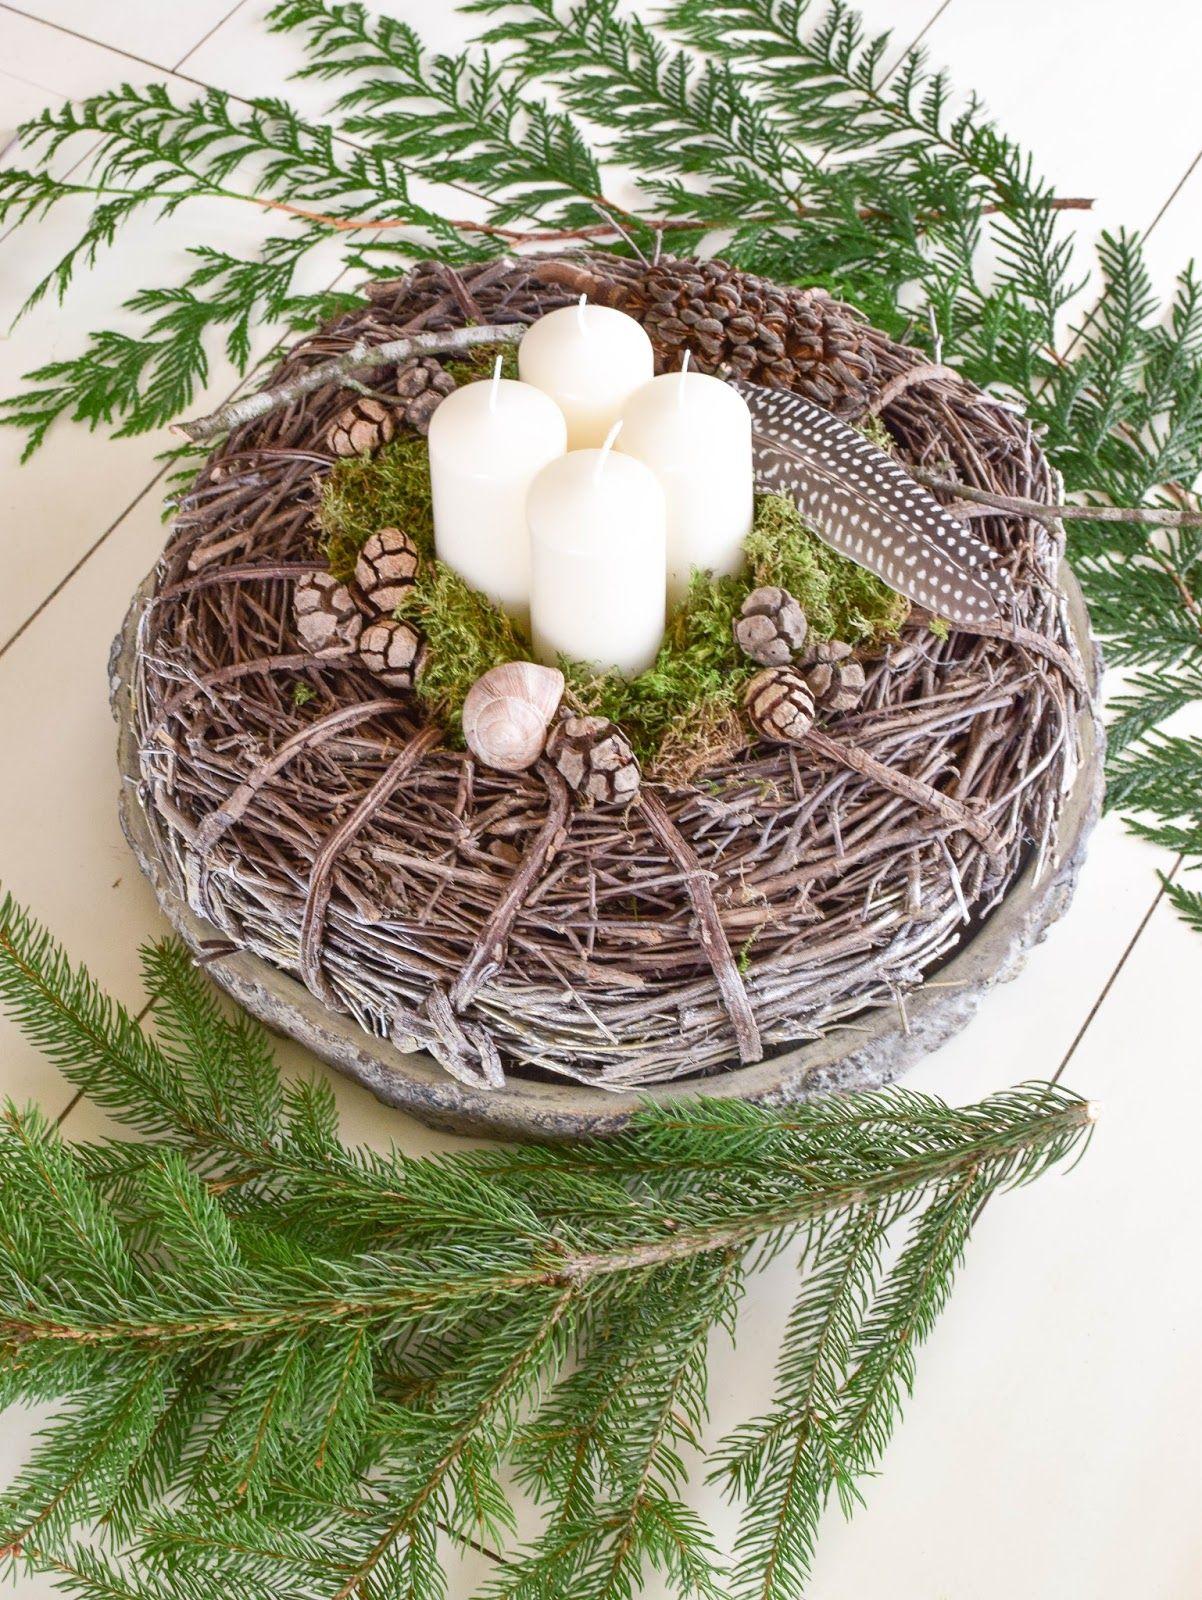 sch ne nat rliche adventskr nze 4 tolle ideen f r euch adventskranz ideen dekorationsideen